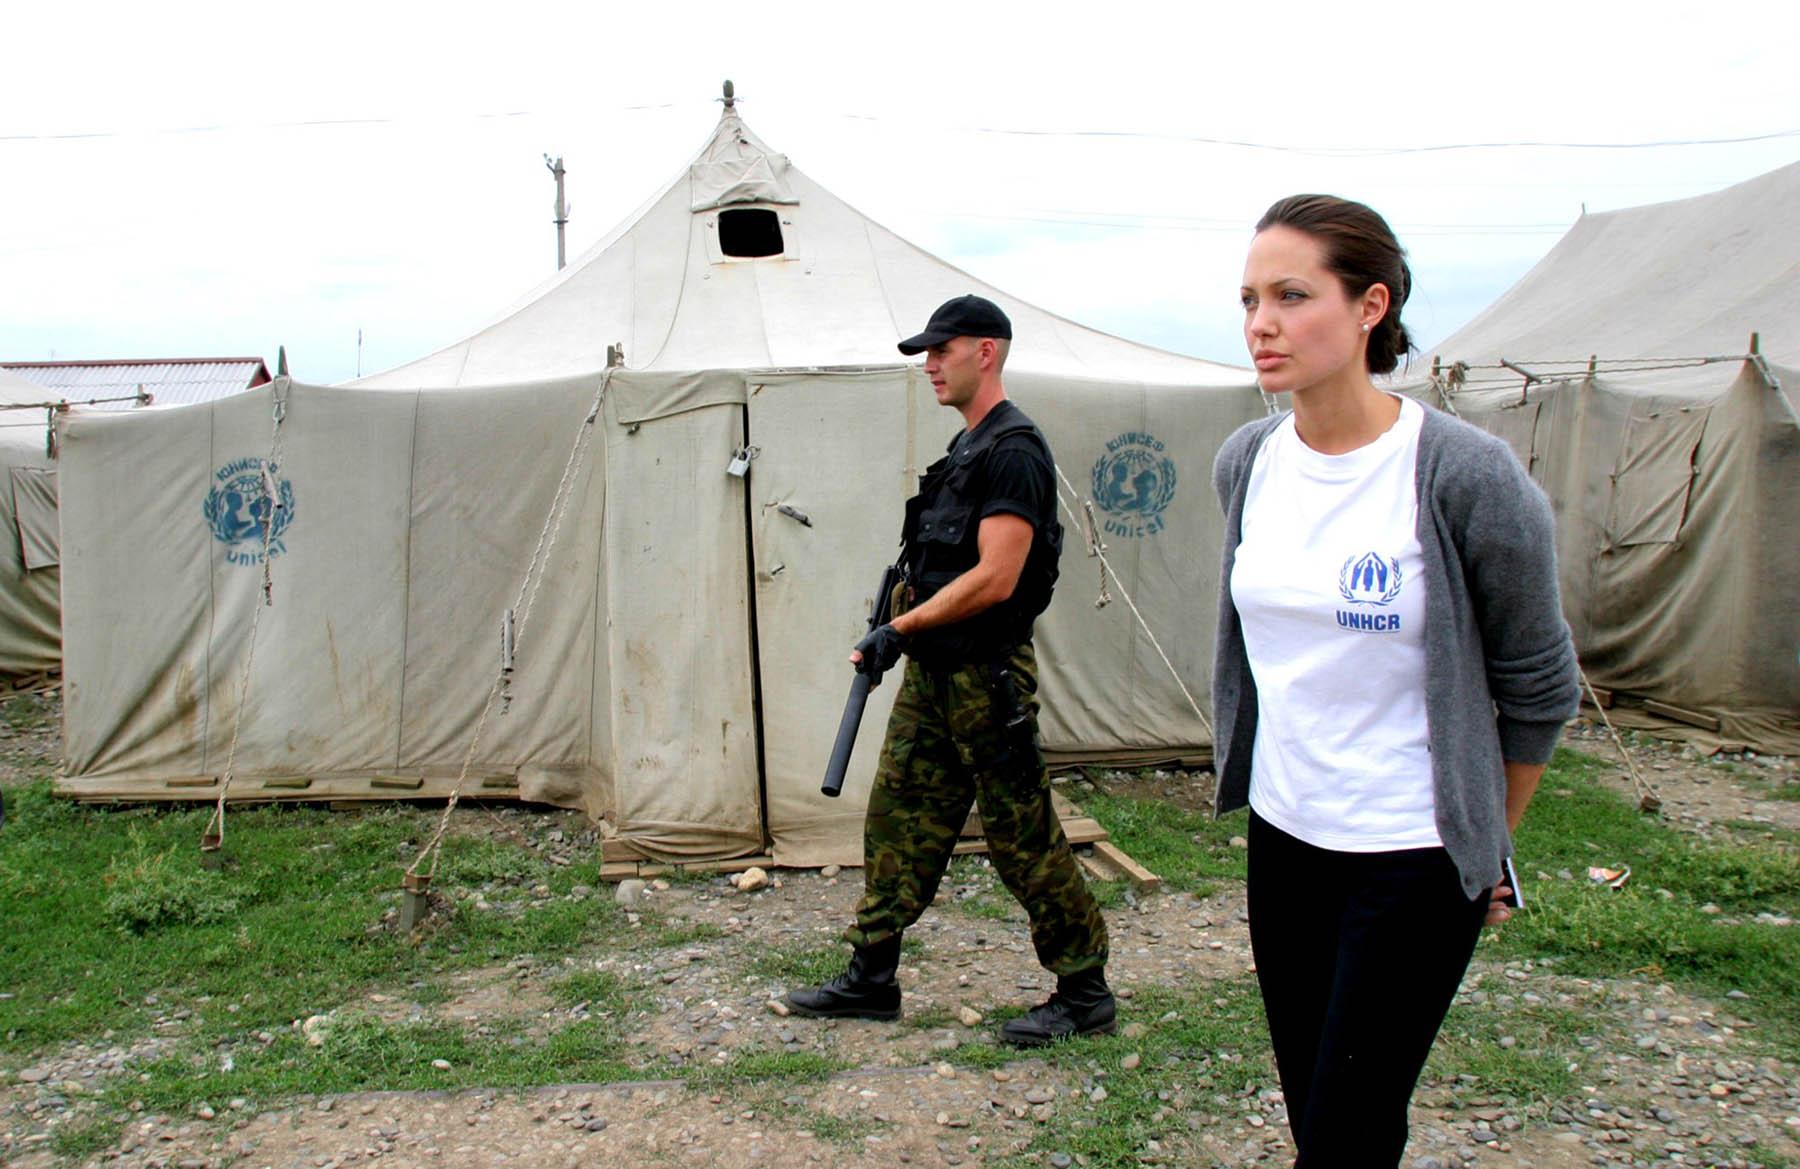 the unhcr 知恵蔵 - unhcrの用語解説 - 1950年に国連総会が設立し、翌年活動を開始した難民保護機関。本部ジュネーブ。5年ごとに存続が更新され、当面は2008年末まで.